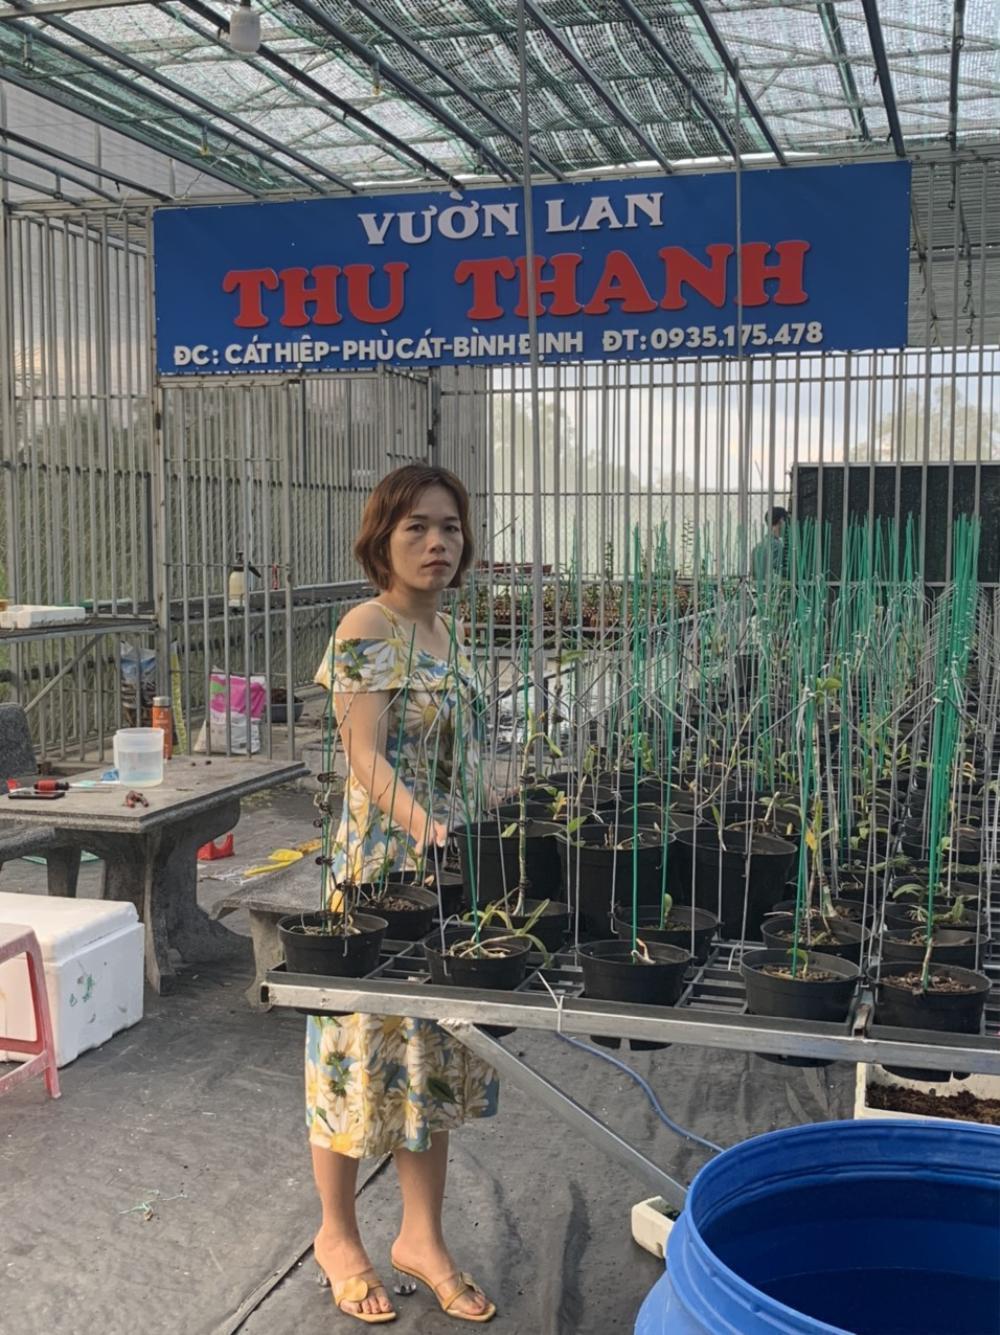 Bà chủ Vườn lan Thu Thanh: Cô gái đặc biệt trong giới chơi lan Ảnh 2